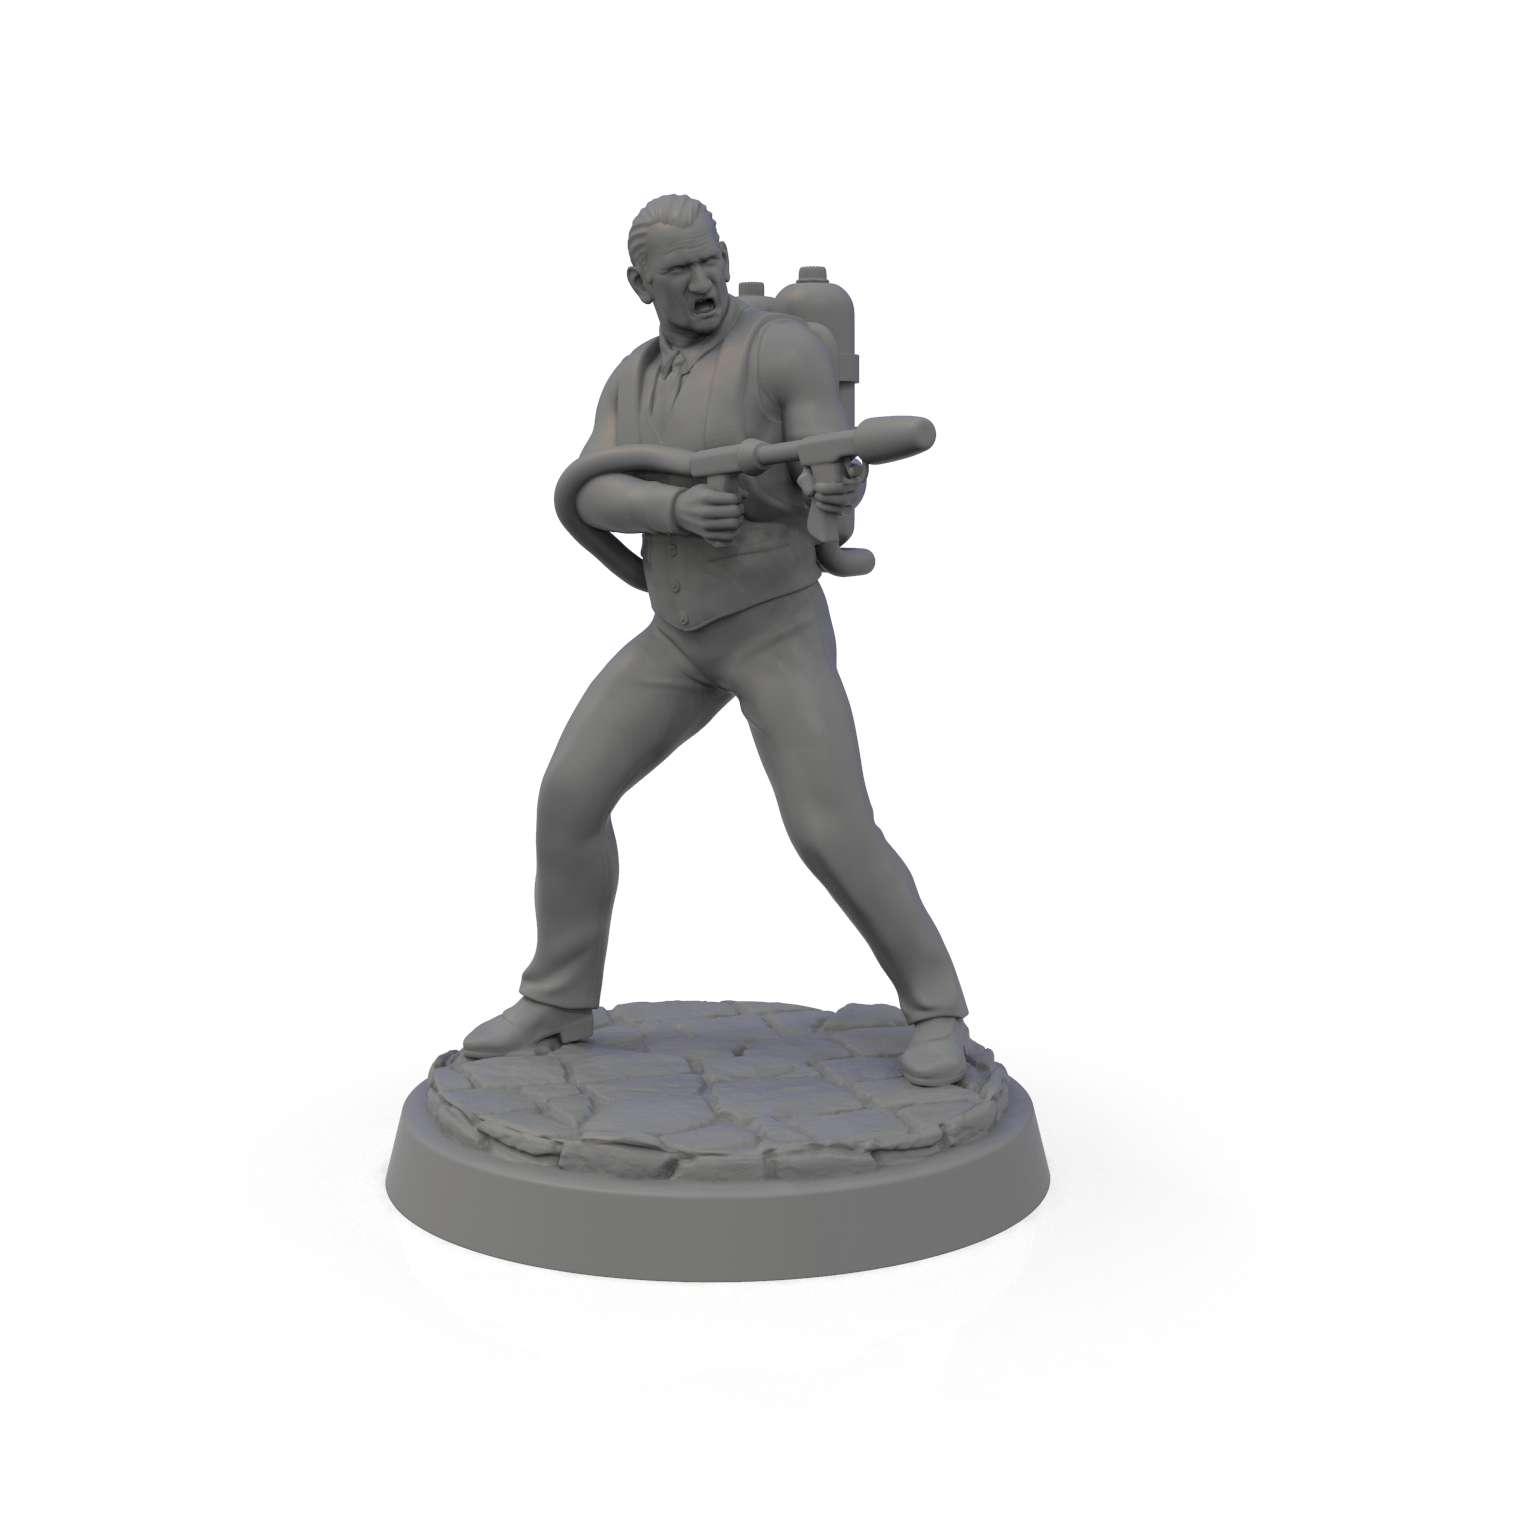 Call Of Cthulhu Miniature - Call Of Cthulhu Collection. 1 Exorcist 1 Scientist 1 Ex-soldier with Flamethrower 1 Boxing Fighter  STL for RPG miniatures 33mm and 70mm - Los mejores archivos para impresión 3D del mundo. Modelos Stl divididos en partes para facilitar la impresión 3D. Todo tipo de personajes, decoración, cosplay, prótesis, piezas. Calidad en impresión 3D. Modelos 3D asequibles. Bajo costo. Compras colectivas de archivos 3D.